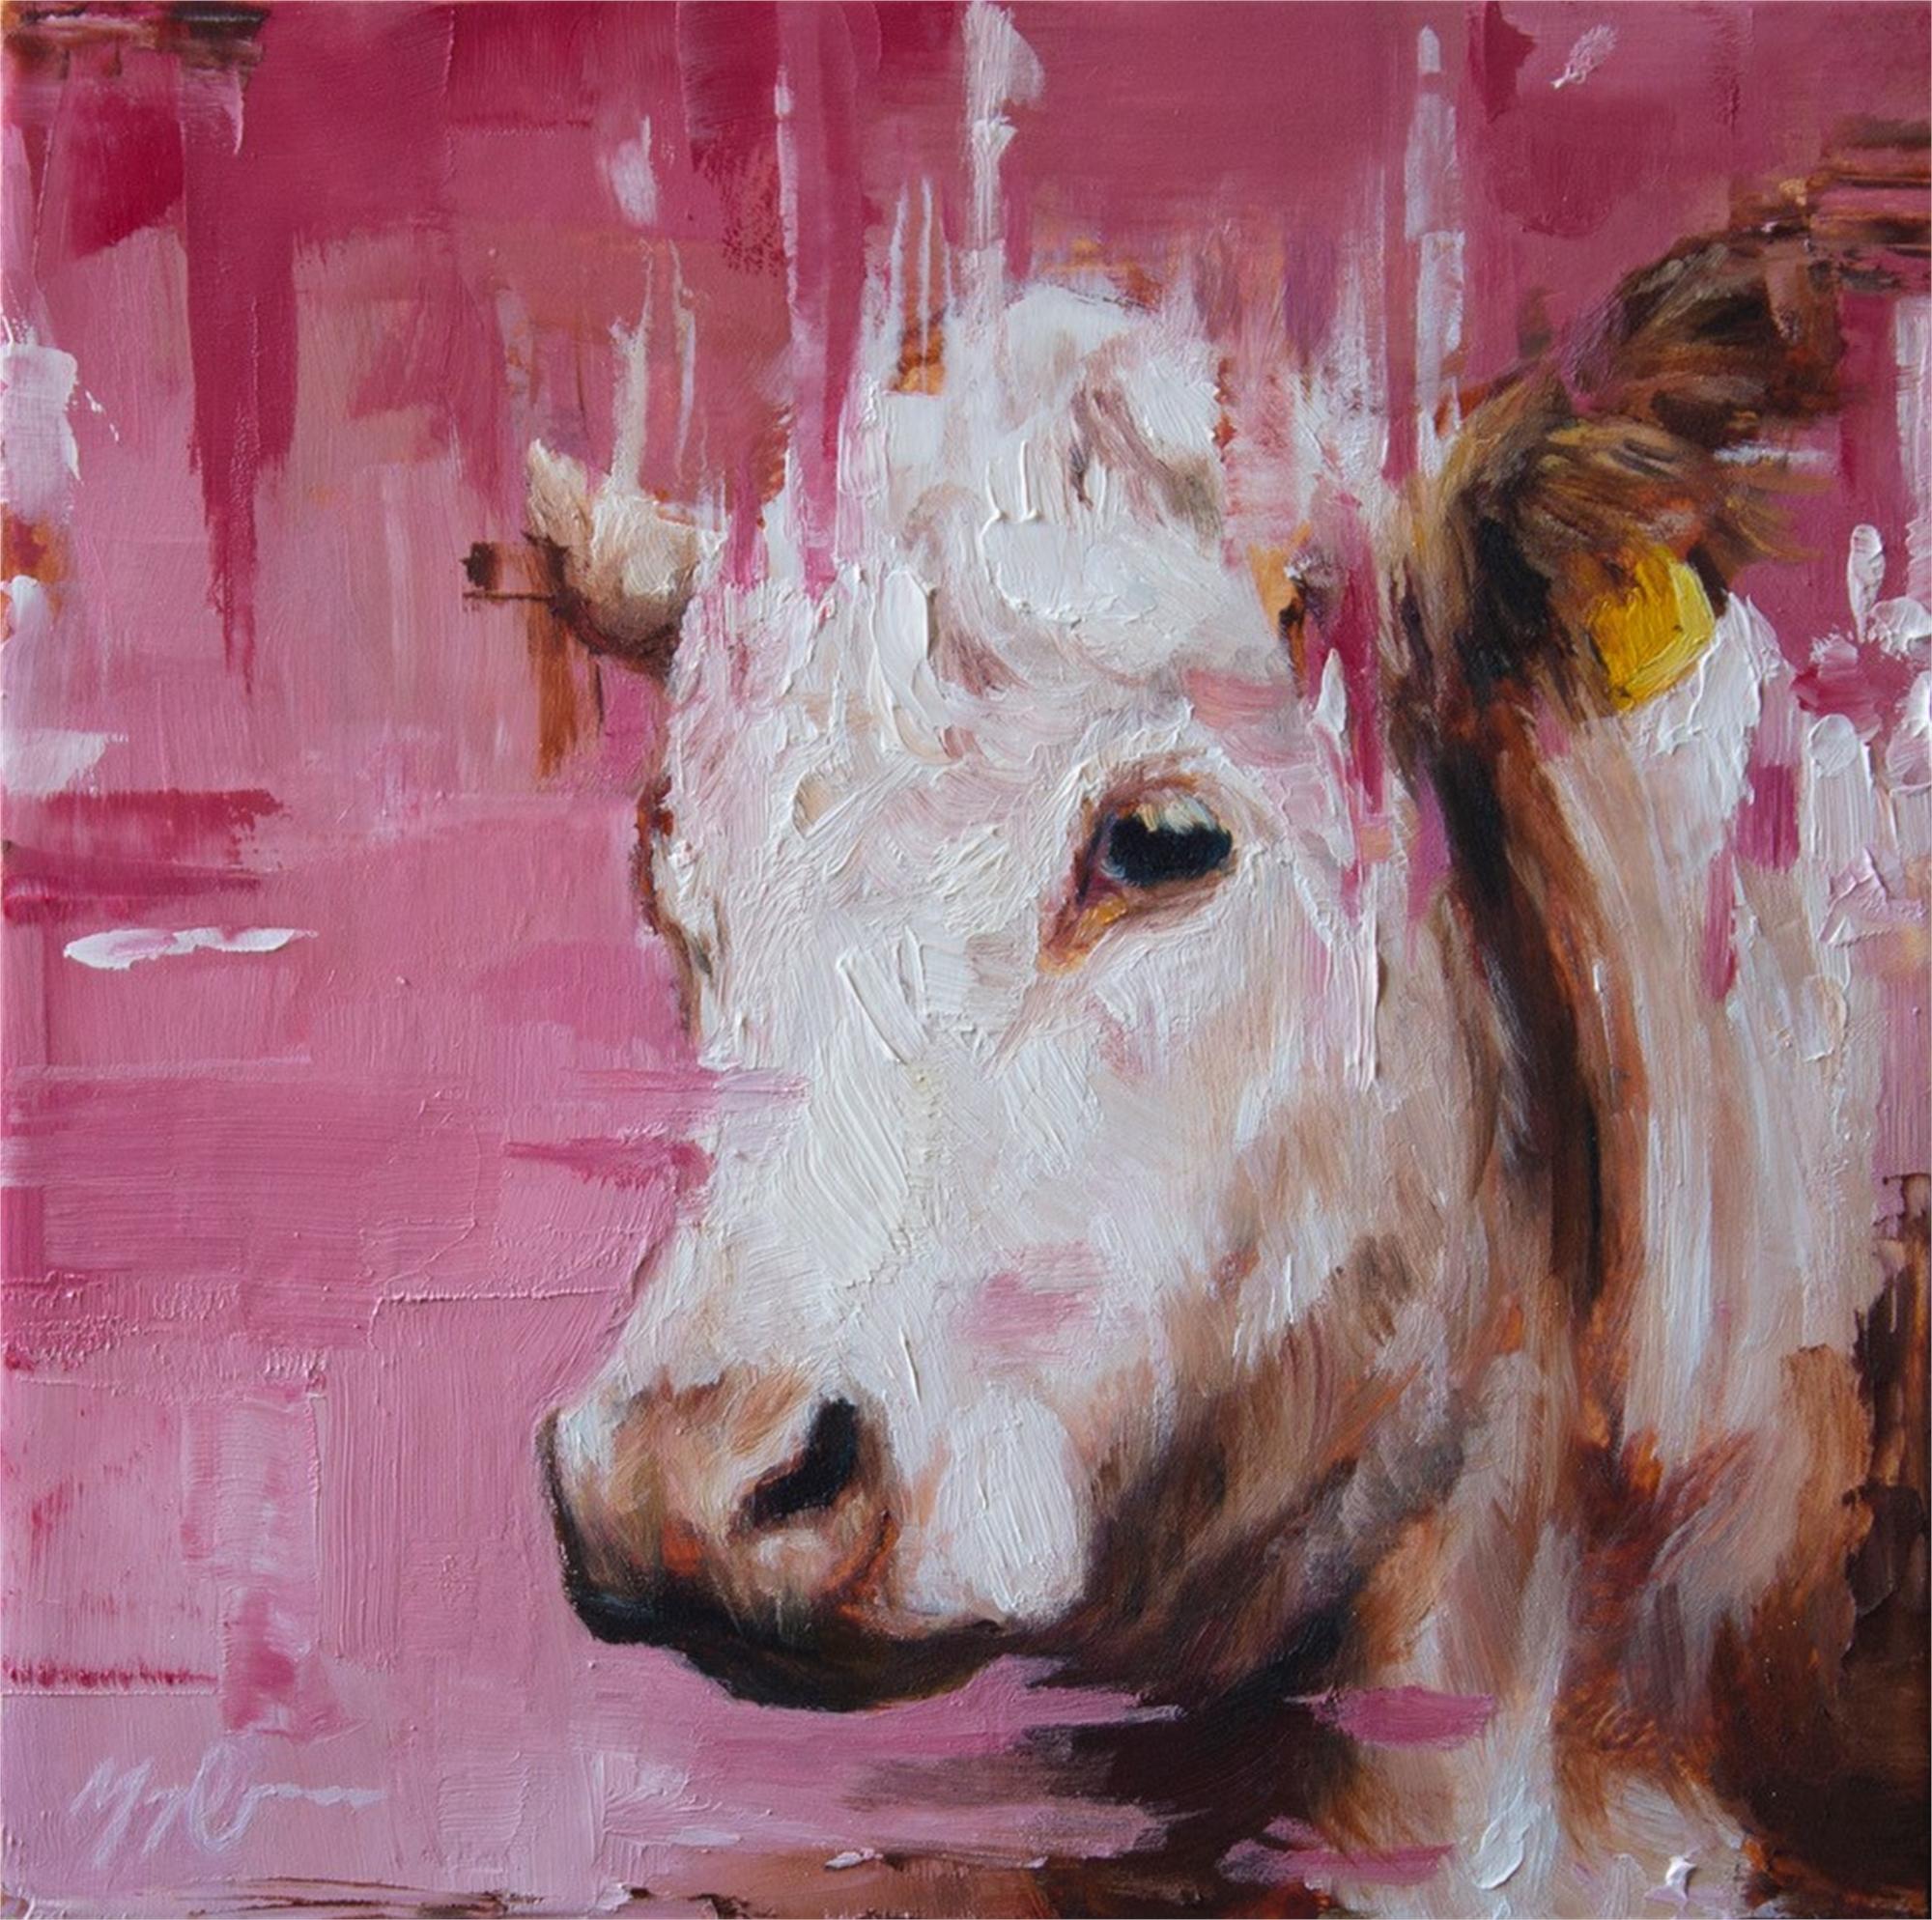 Pink Cow Portrait by Morgan Cameron